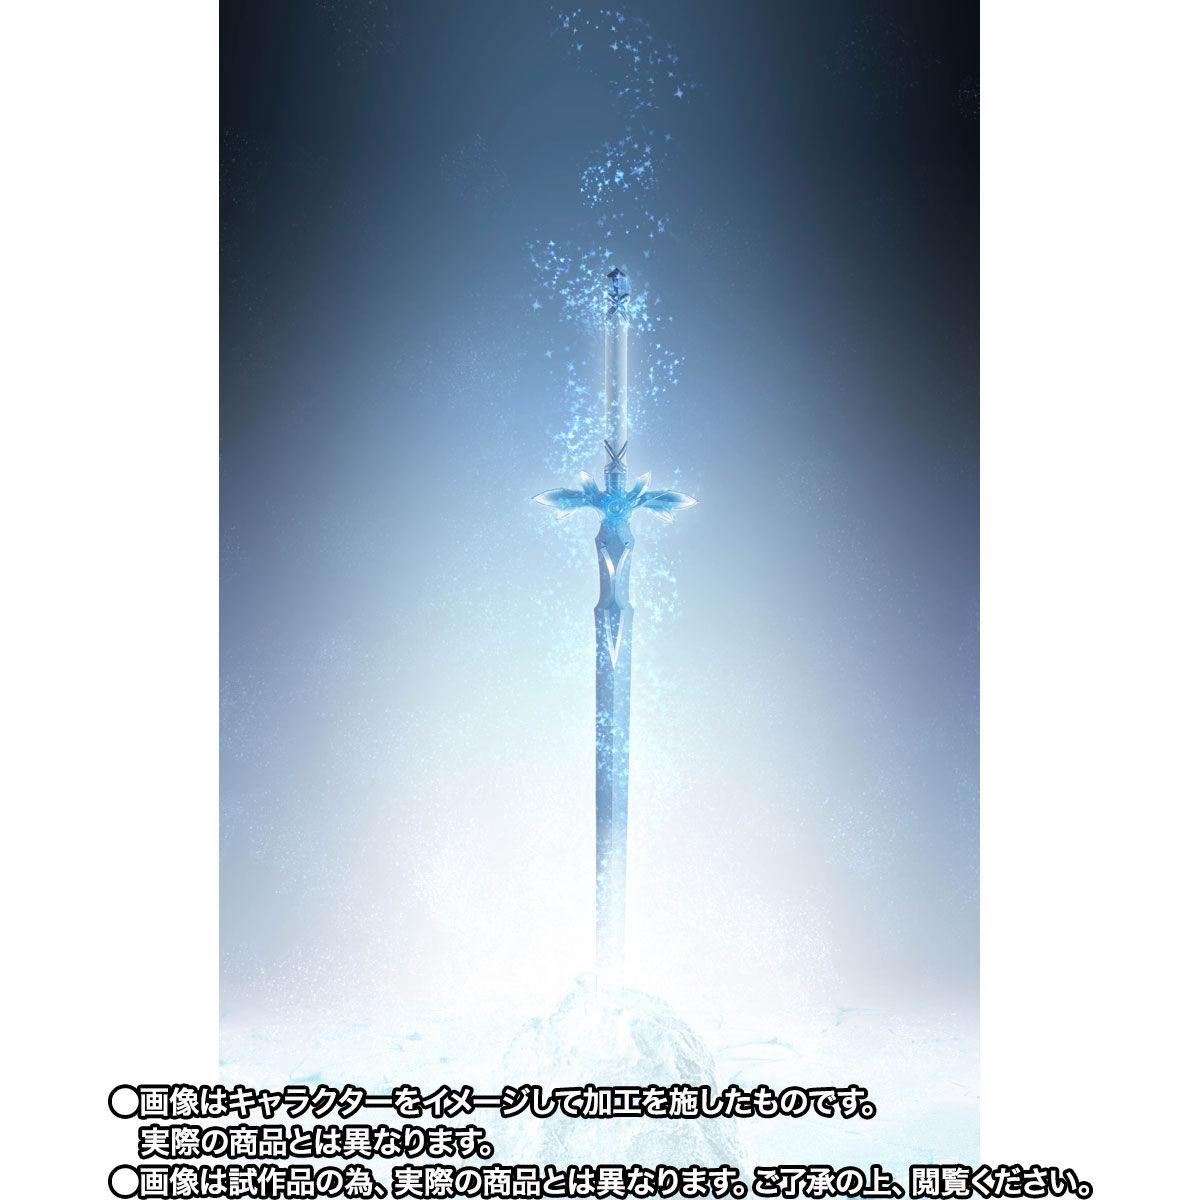 【限定販売】PROPLICA プロップリカ『青薔薇の剣』ソードアート・オンライン 変身なりきり-010